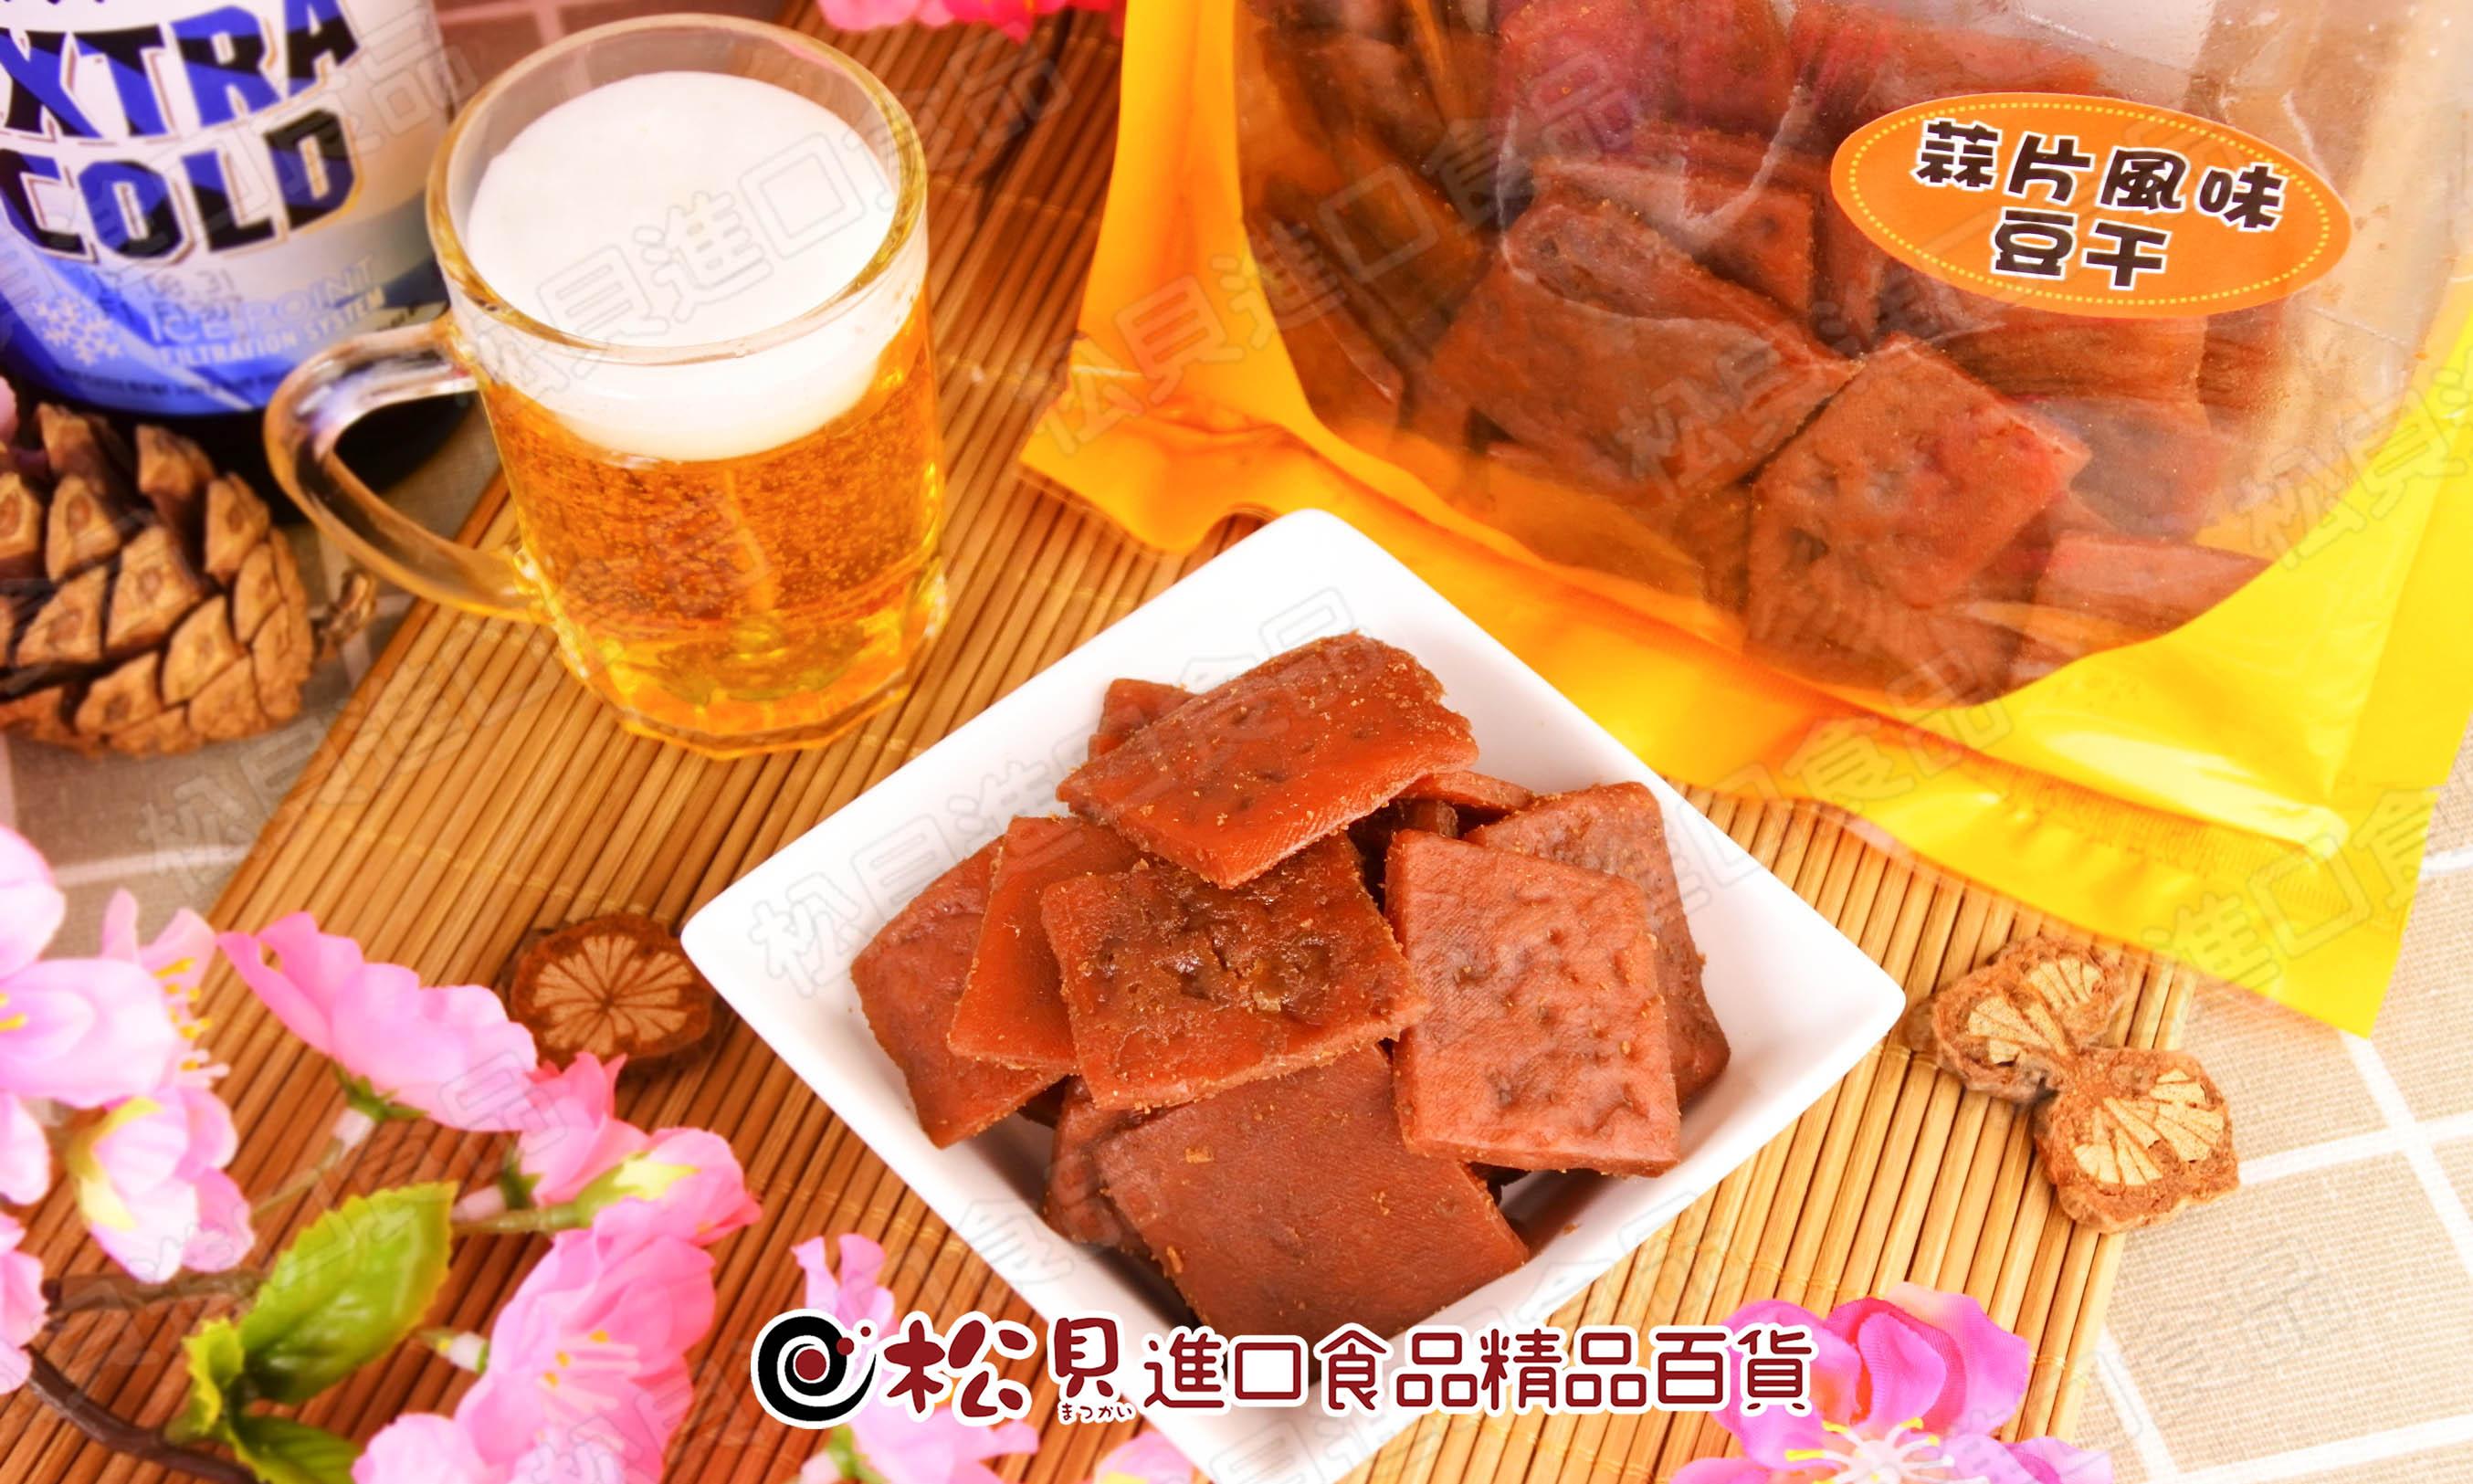 仲聯蒜片風味豆乾180g【4711520205764】.jpg